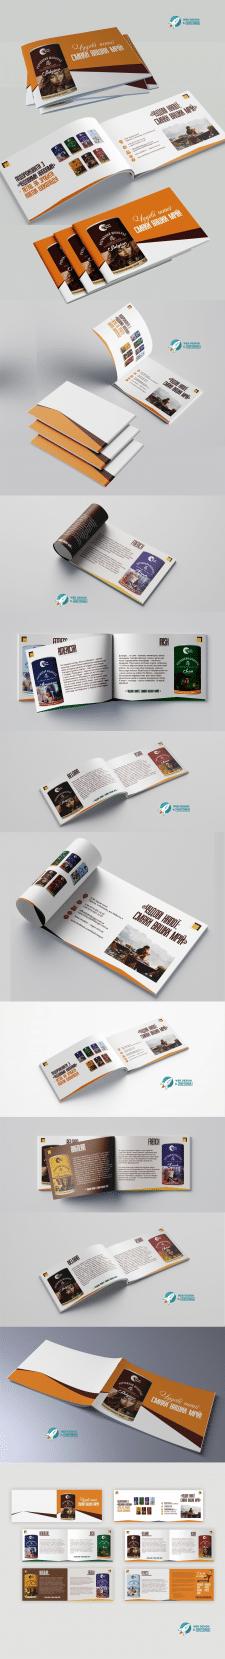 #Дизайн каталога продукции#